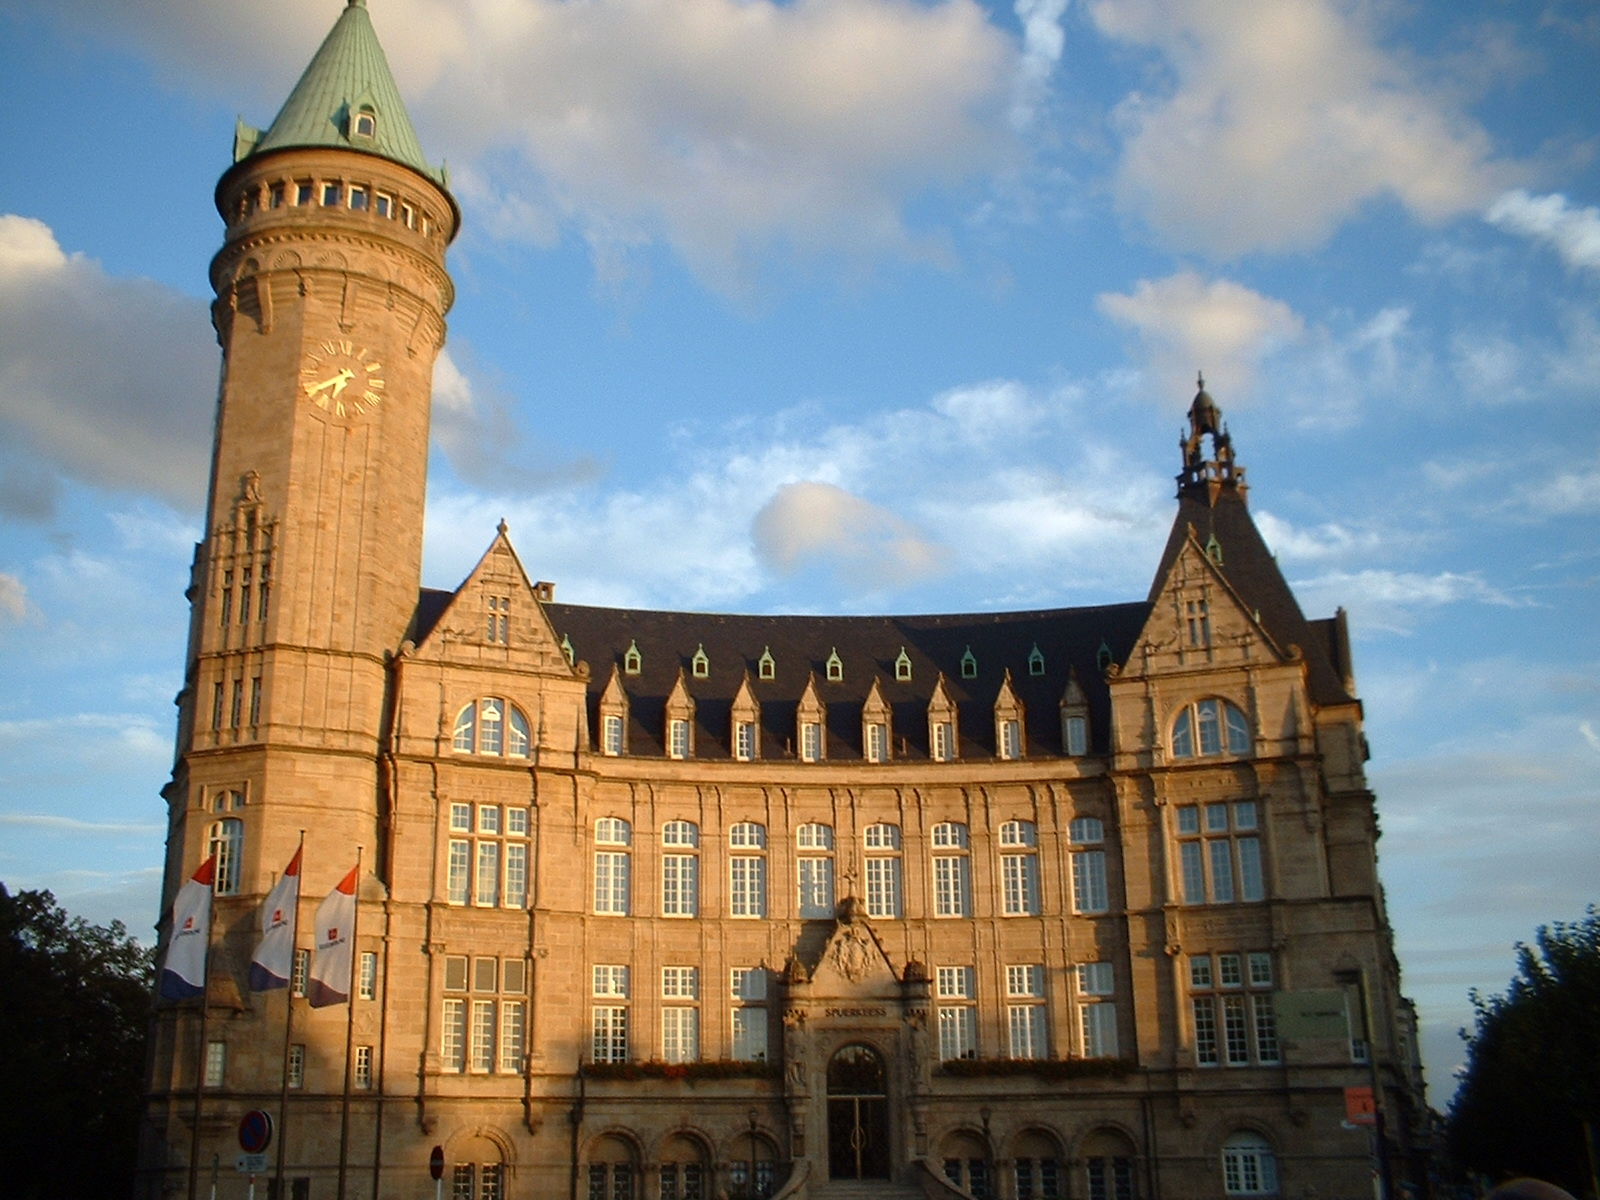 Nella foto: sede dell'Alta autorità della CECA a Città del Lussemburgo